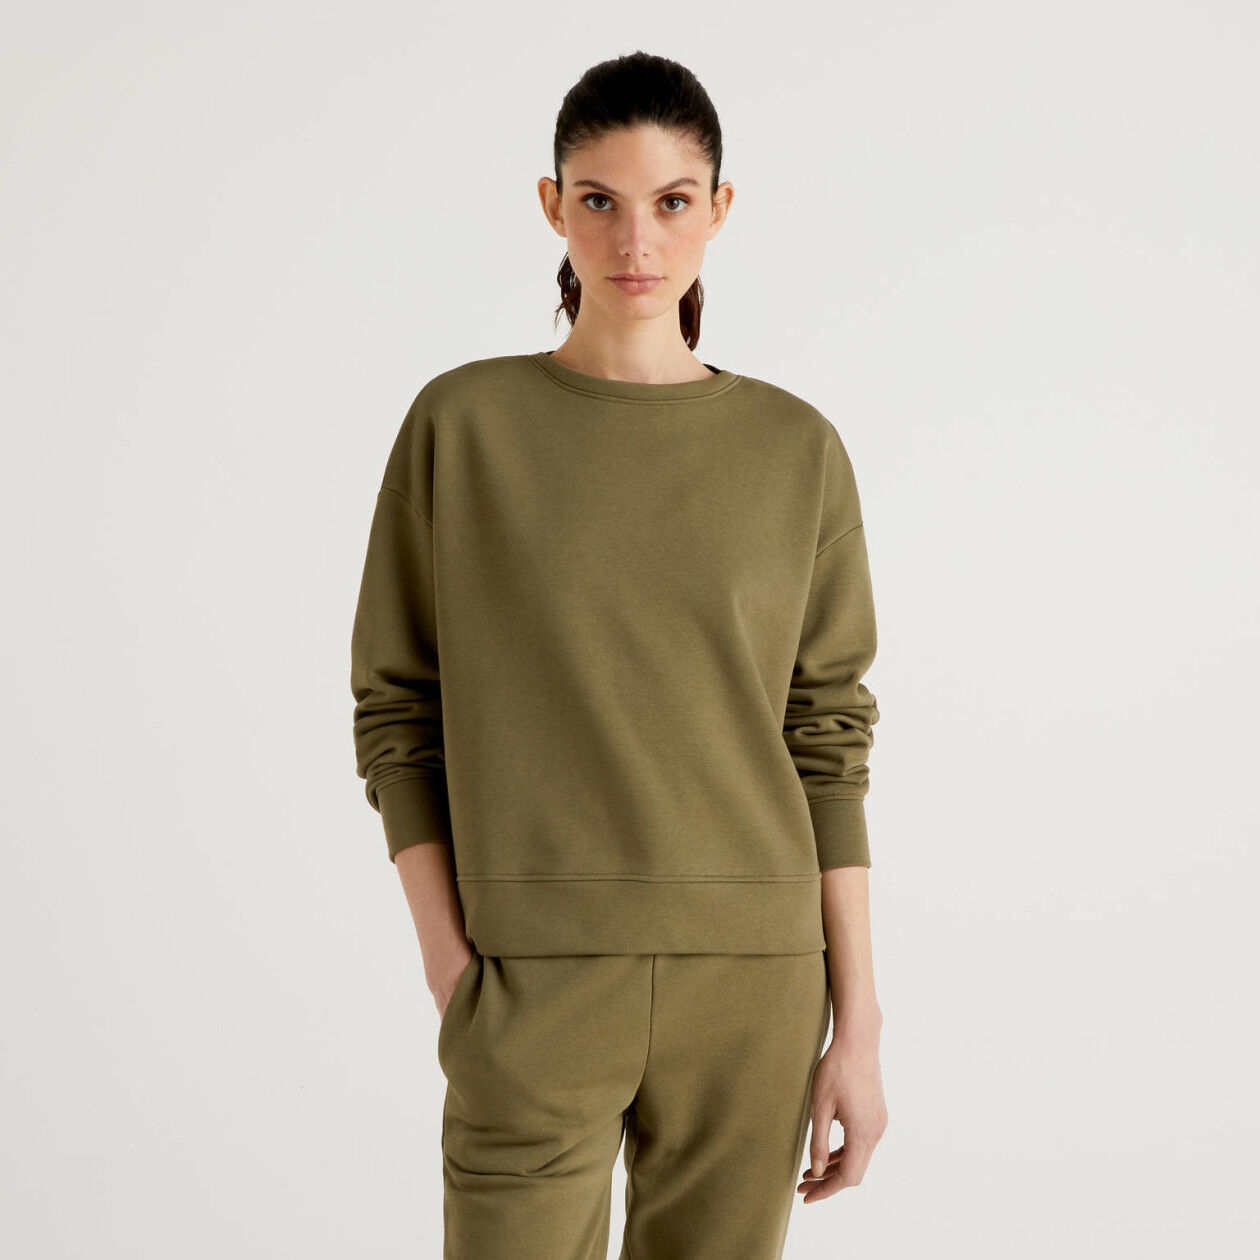 Sweat de algodão misto verde militar